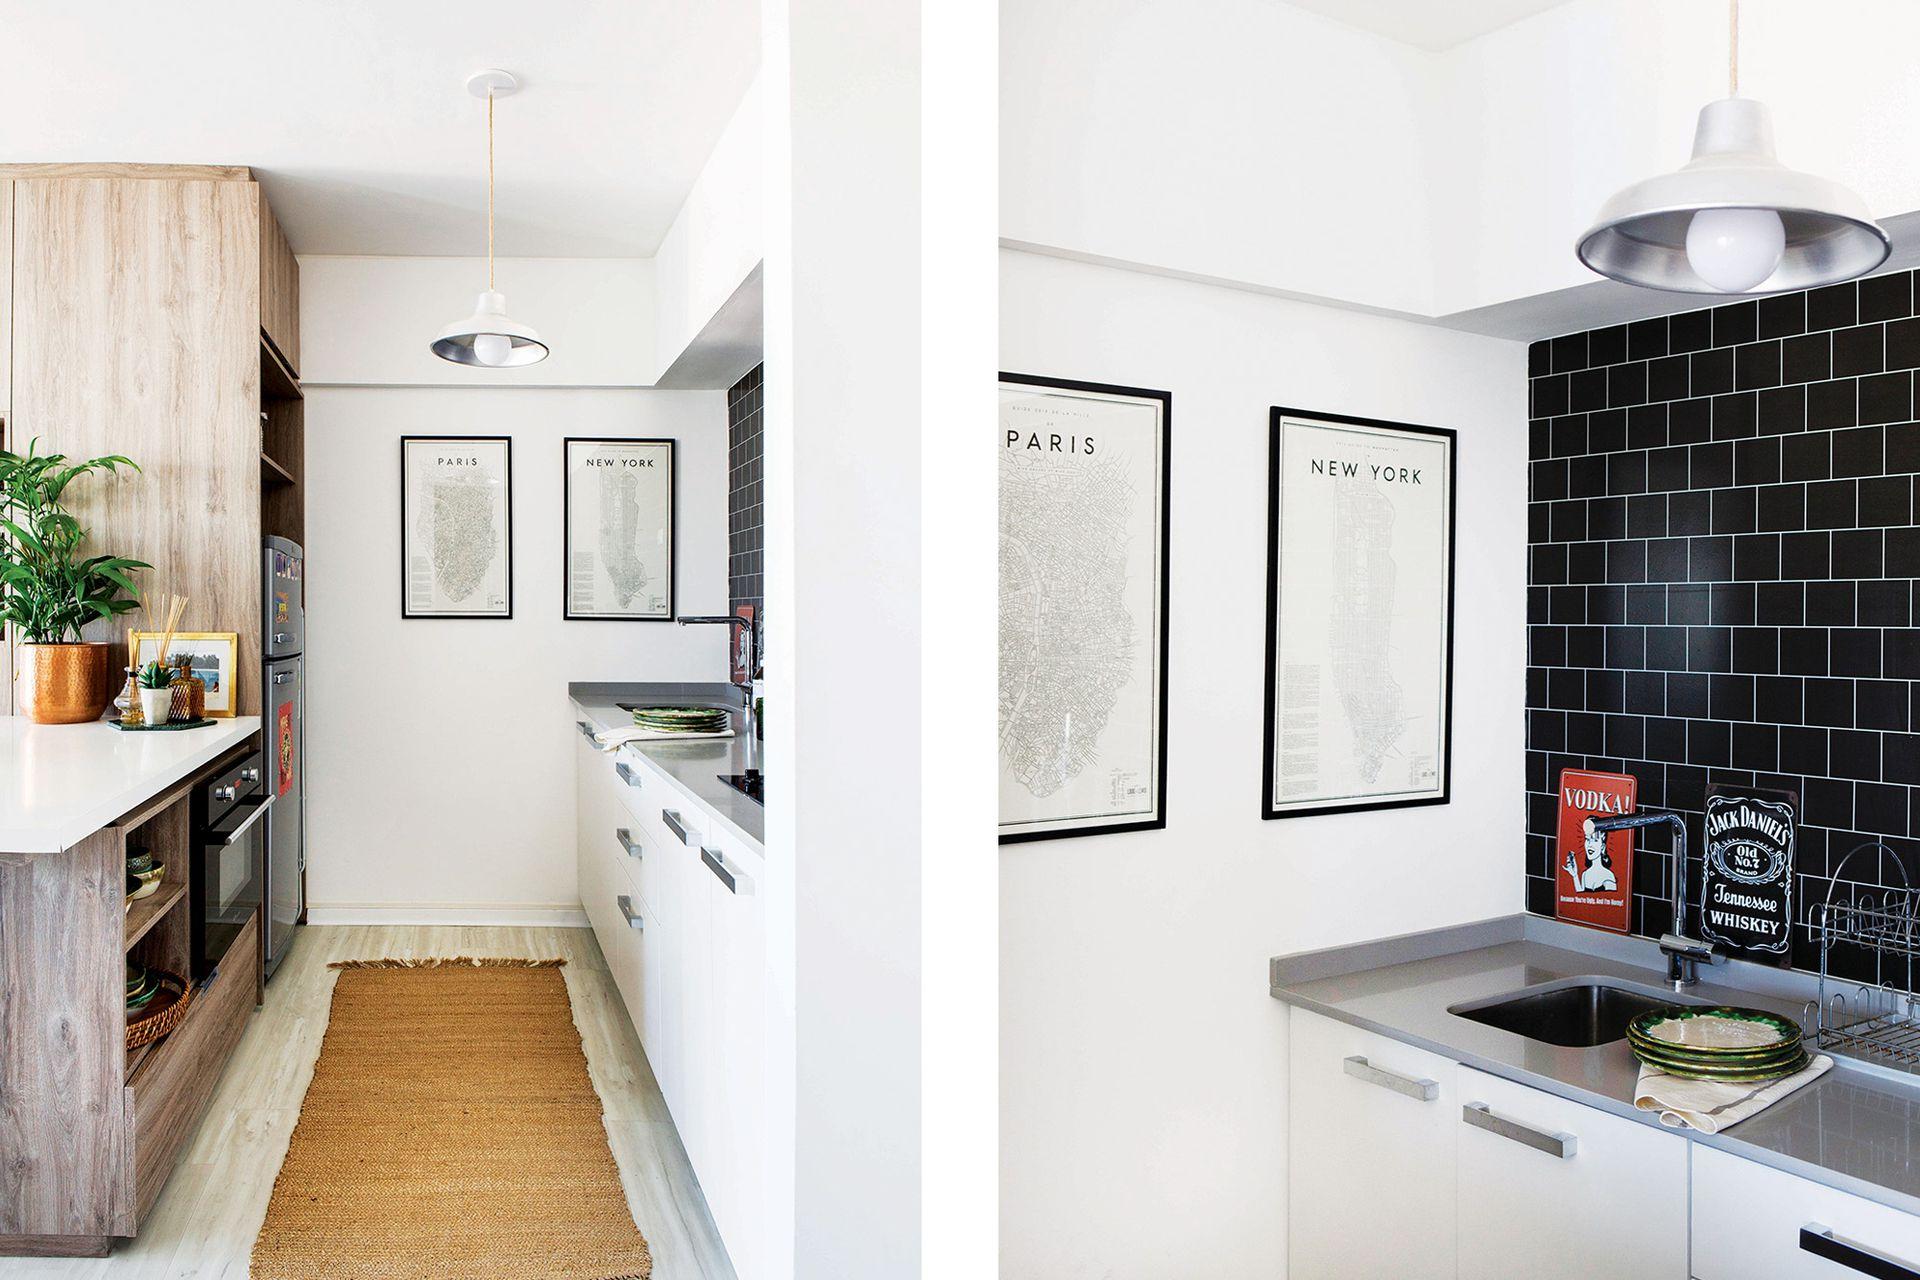 El breve pasillo logra una muy práctica cocina longitudinal, iluminada, cómoda y con mucho espacio de guardado.